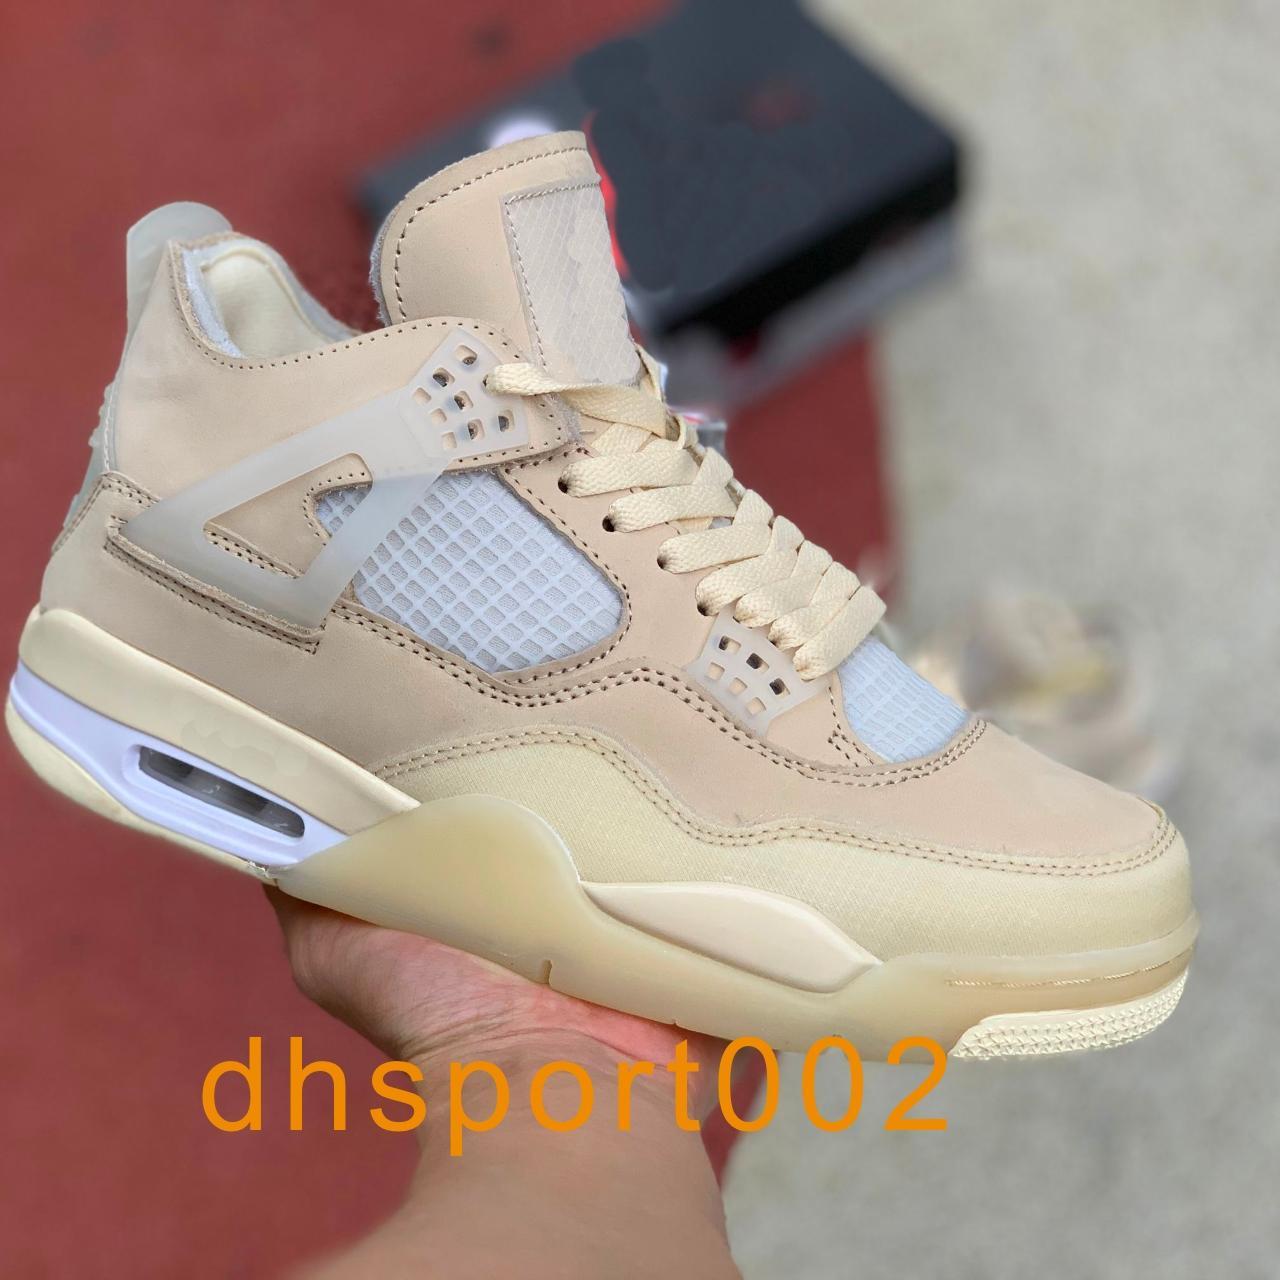 36-46 جودة الشراع fw الأبيض مربع الأحذية رجل حذاء رياضة أعلى حجم كرة السلة أحذية كرة السلة مع FW2020 4 J PJBNV